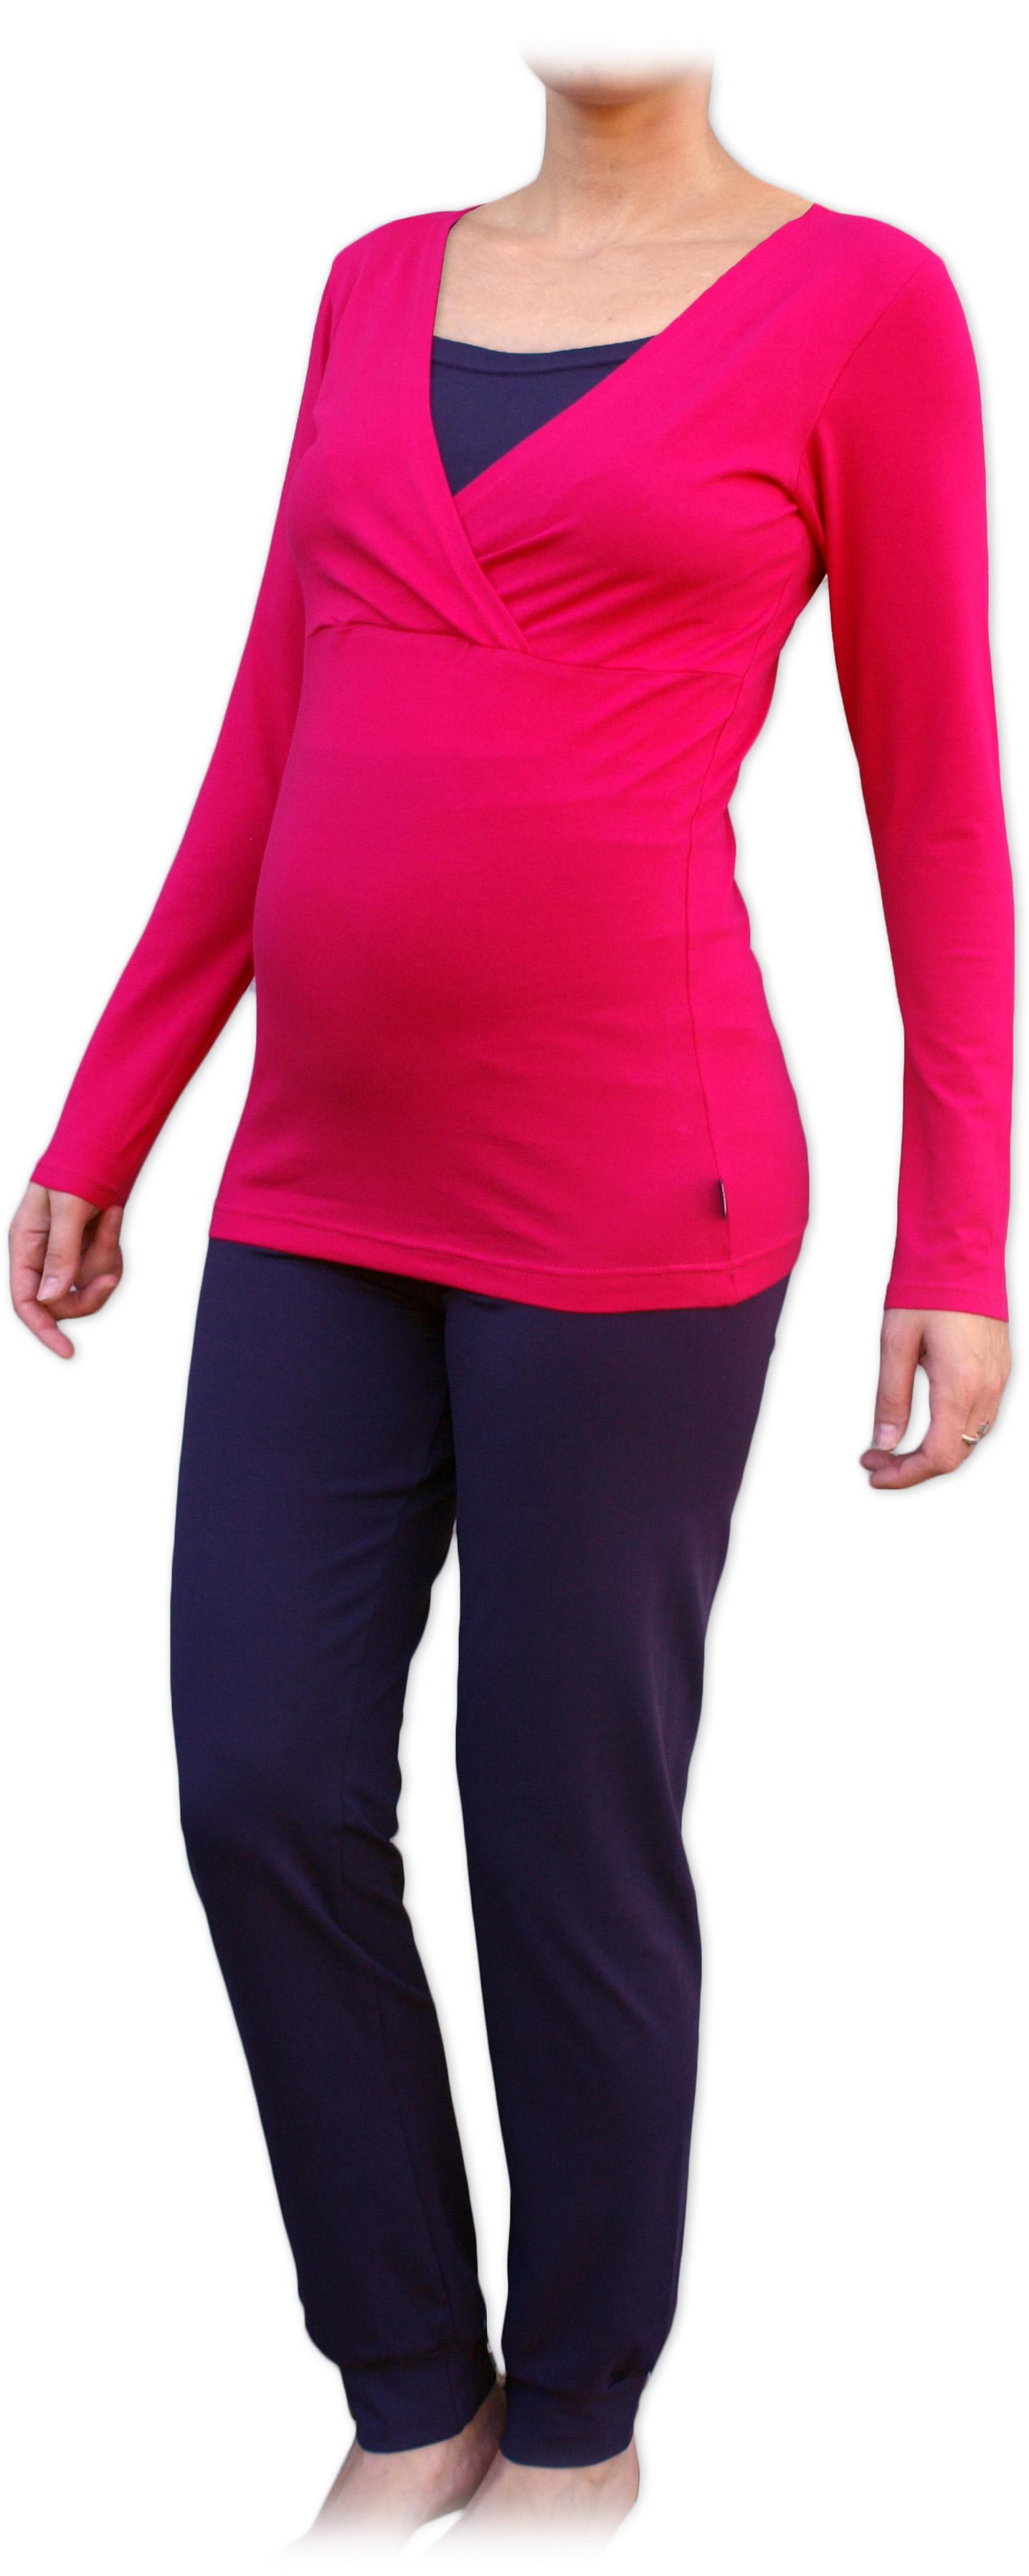 Těhotenské a kojicí pyžamo, dlouhé, sytě růžové+švestka m/l